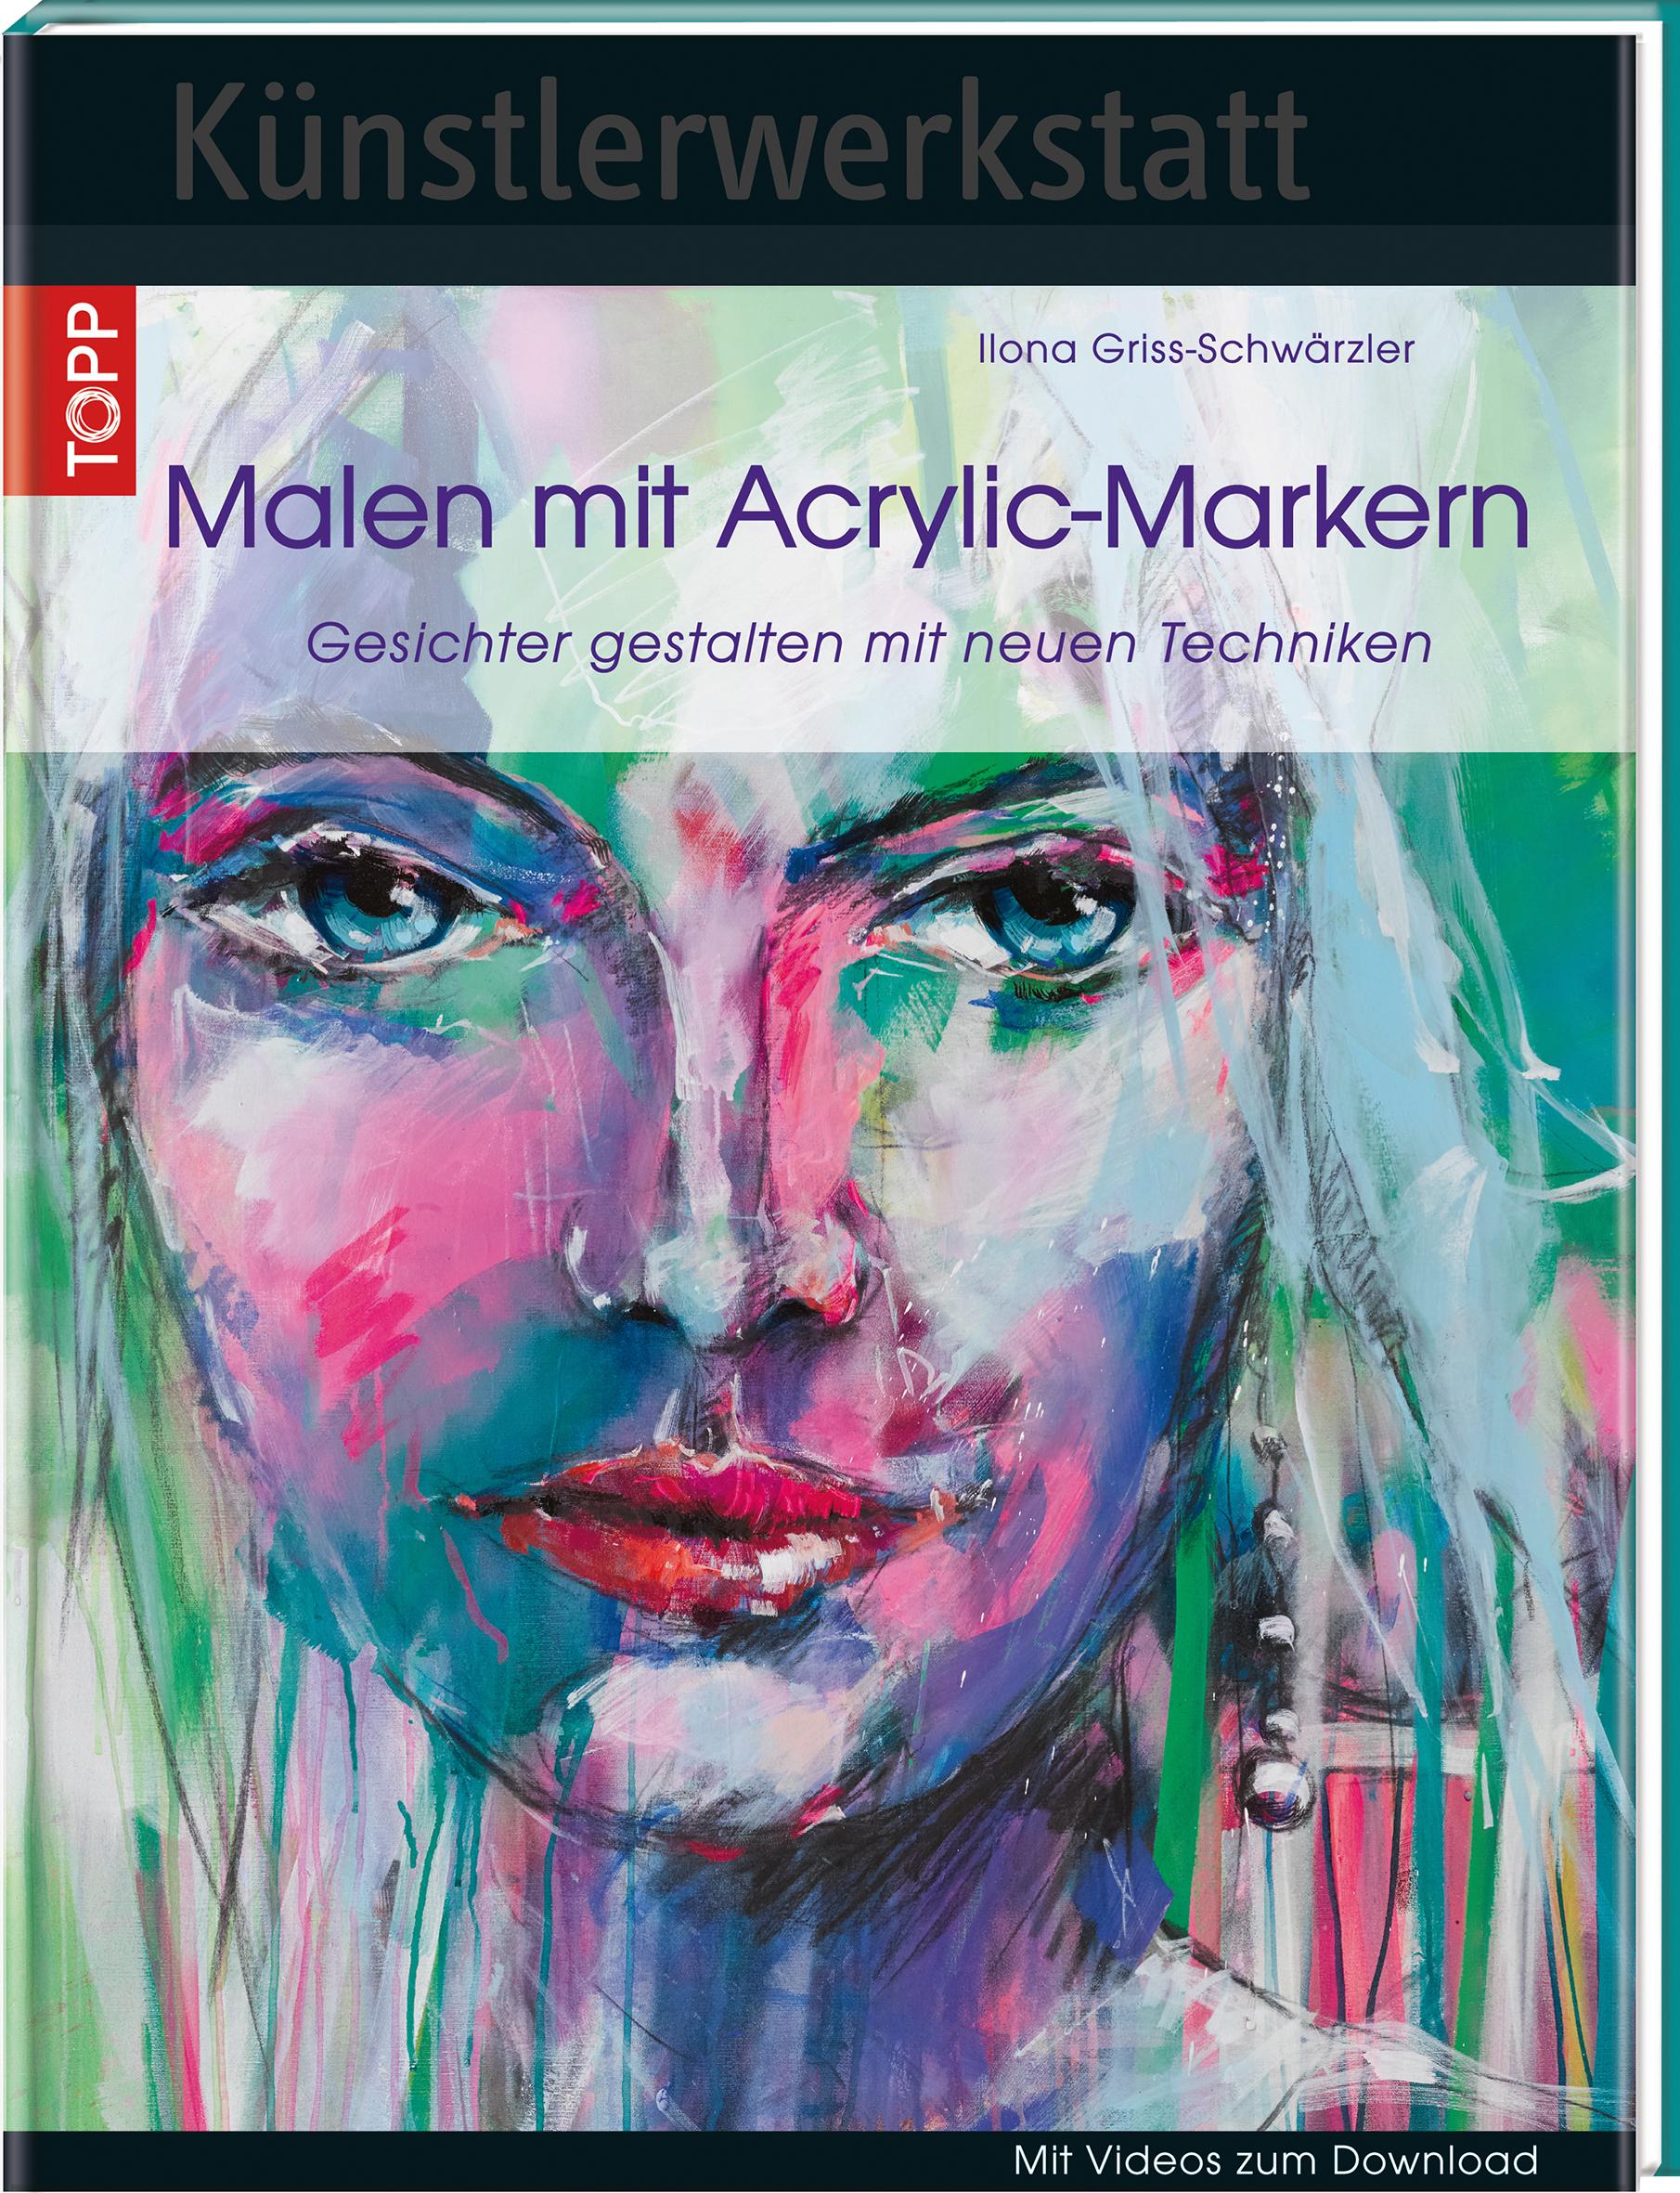 Künstlerwerkstatt Malen Mit Acrylic Markern Mischtechniken